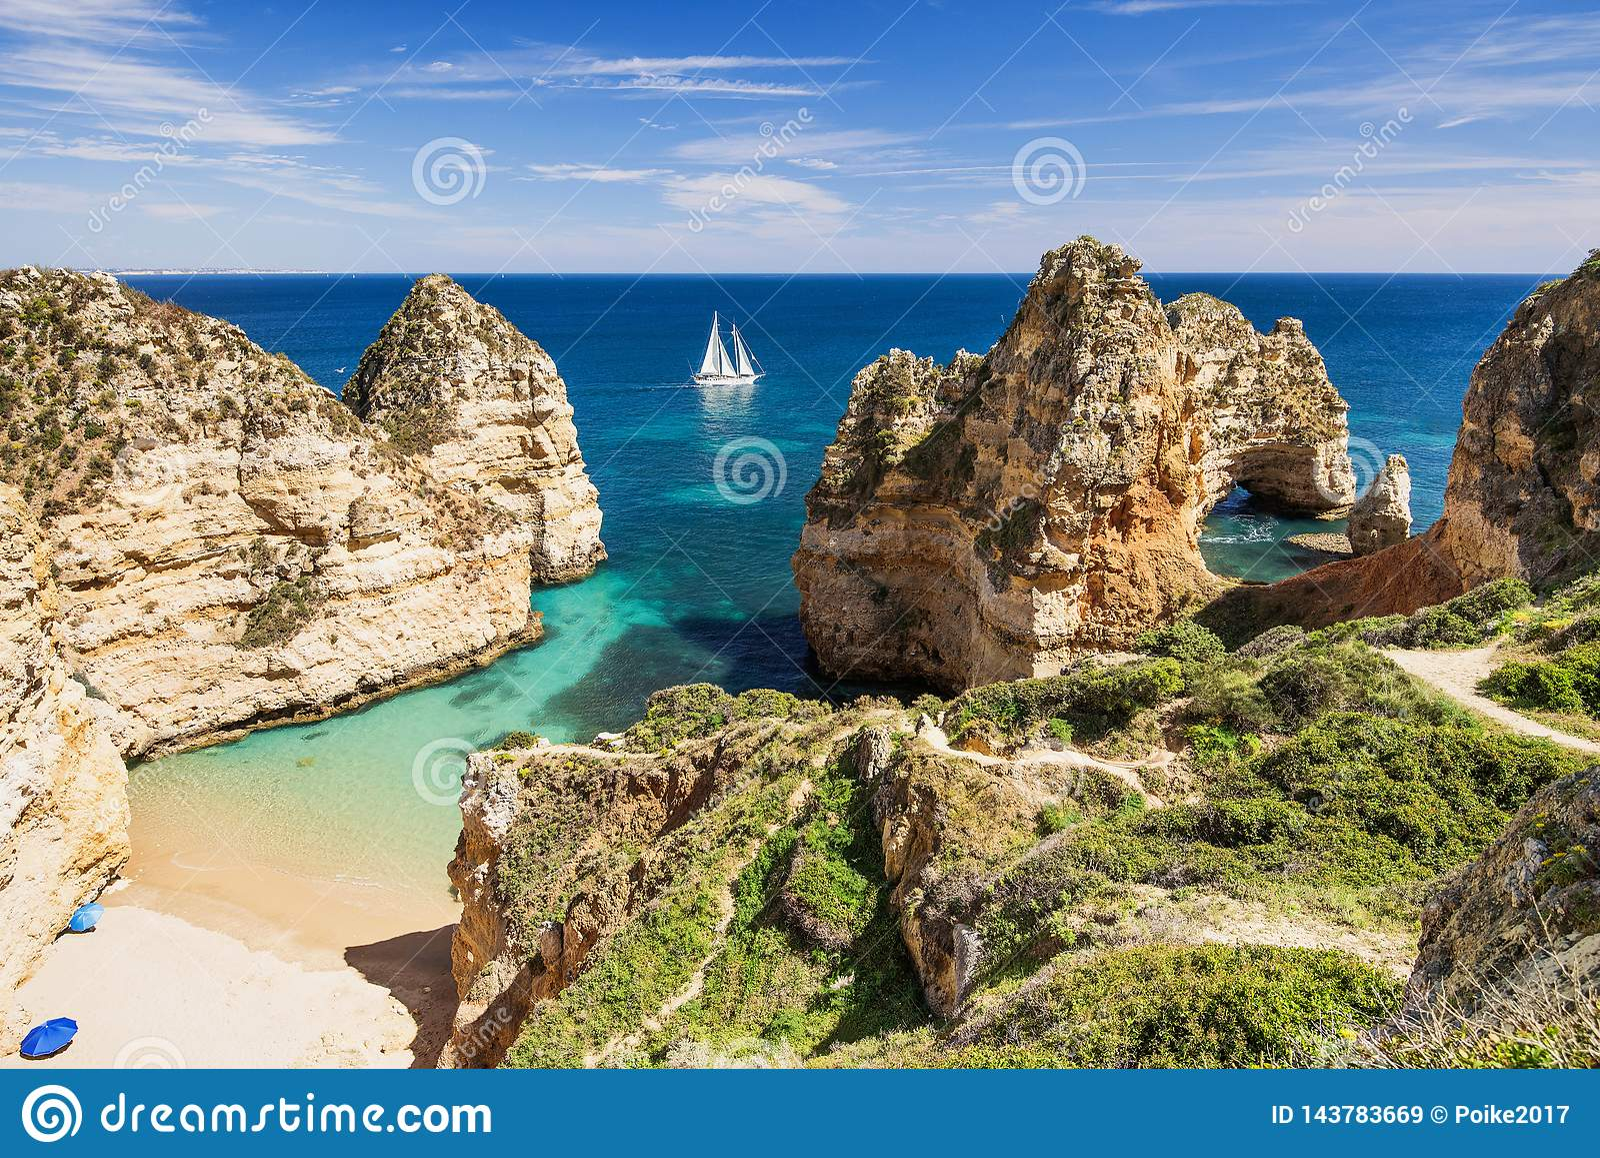 Piękna plaża blisko Lagos miasteczka, Algarve region, Portugalia